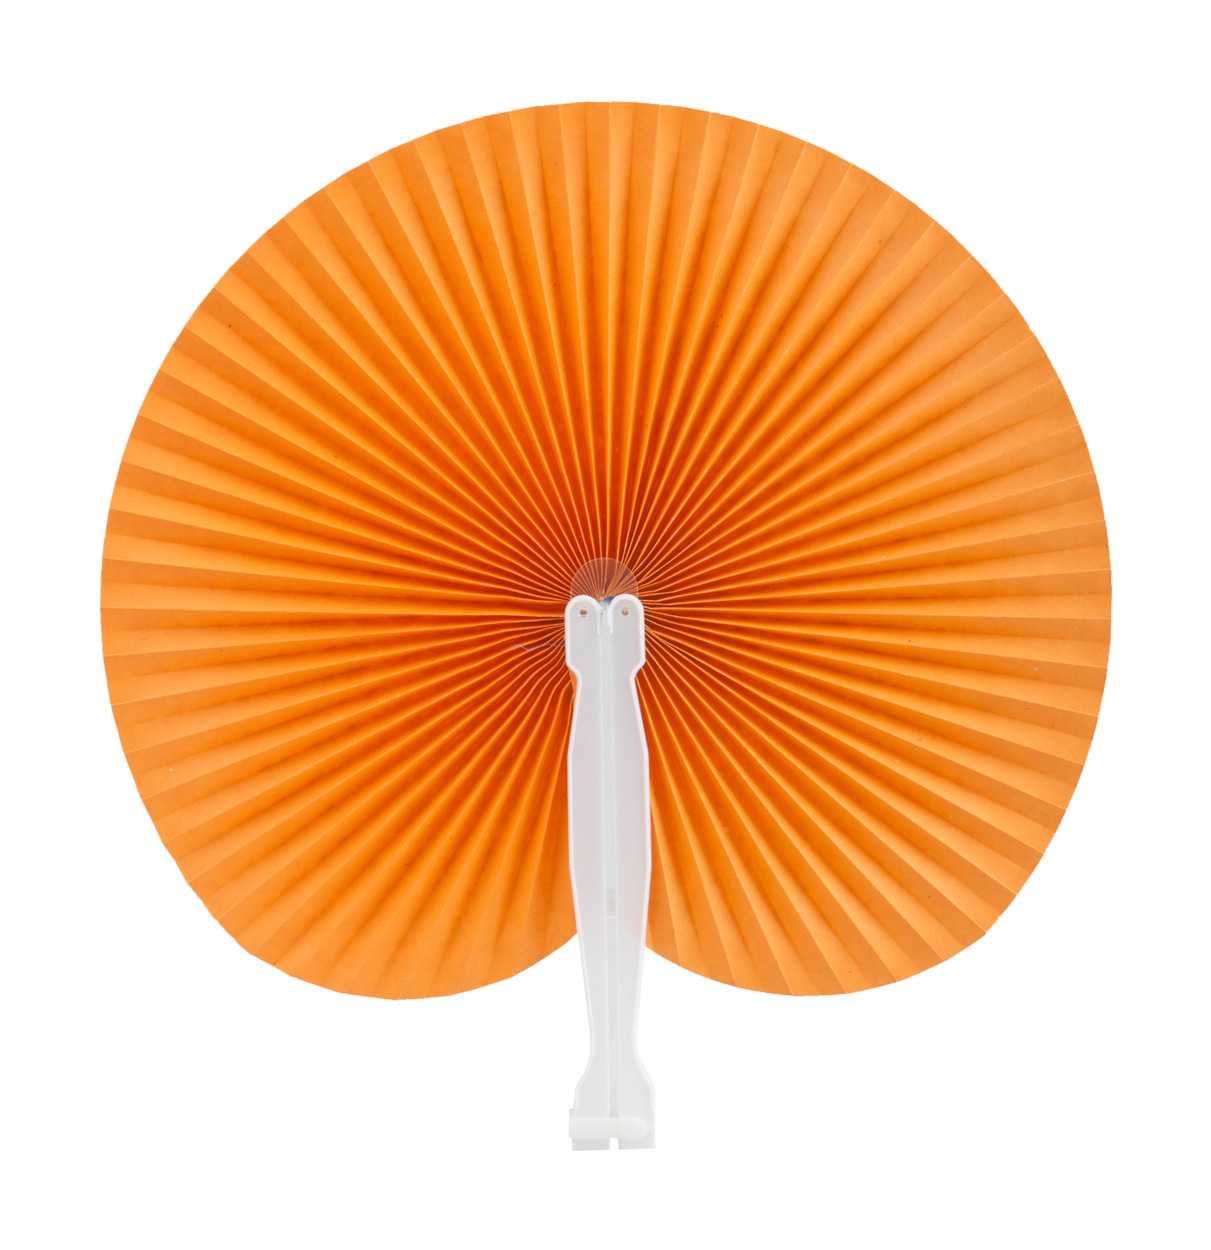 narancs Stilo legyezõ